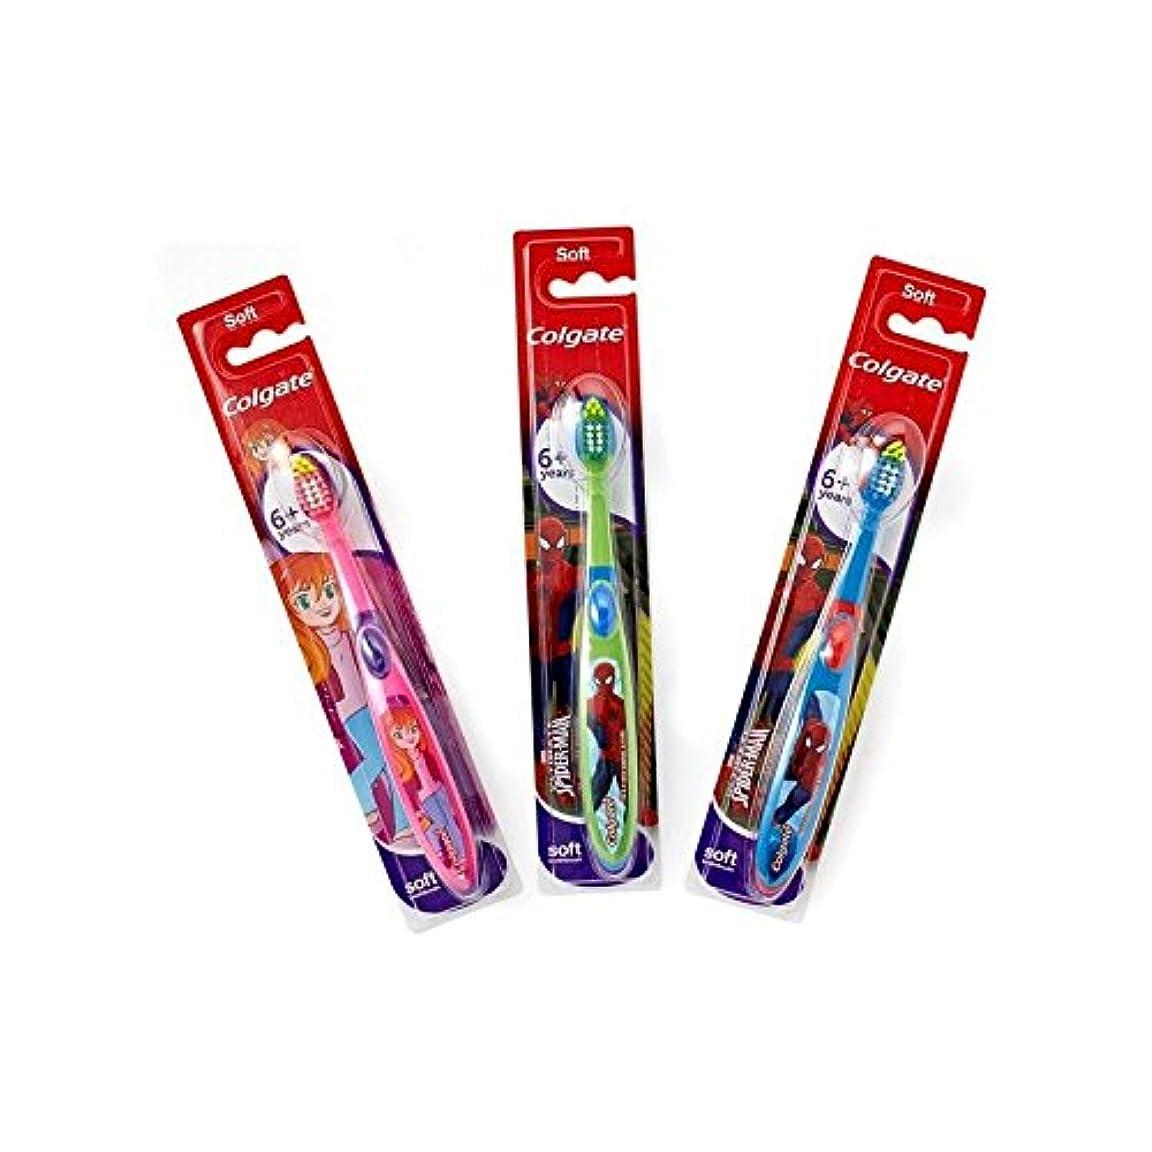 6+年の歯ブラシを笑顔 (Colgate) (x 6) - Colgate Smiles 6+ Years Toothbrush (Pack of 6) [並行輸入品]